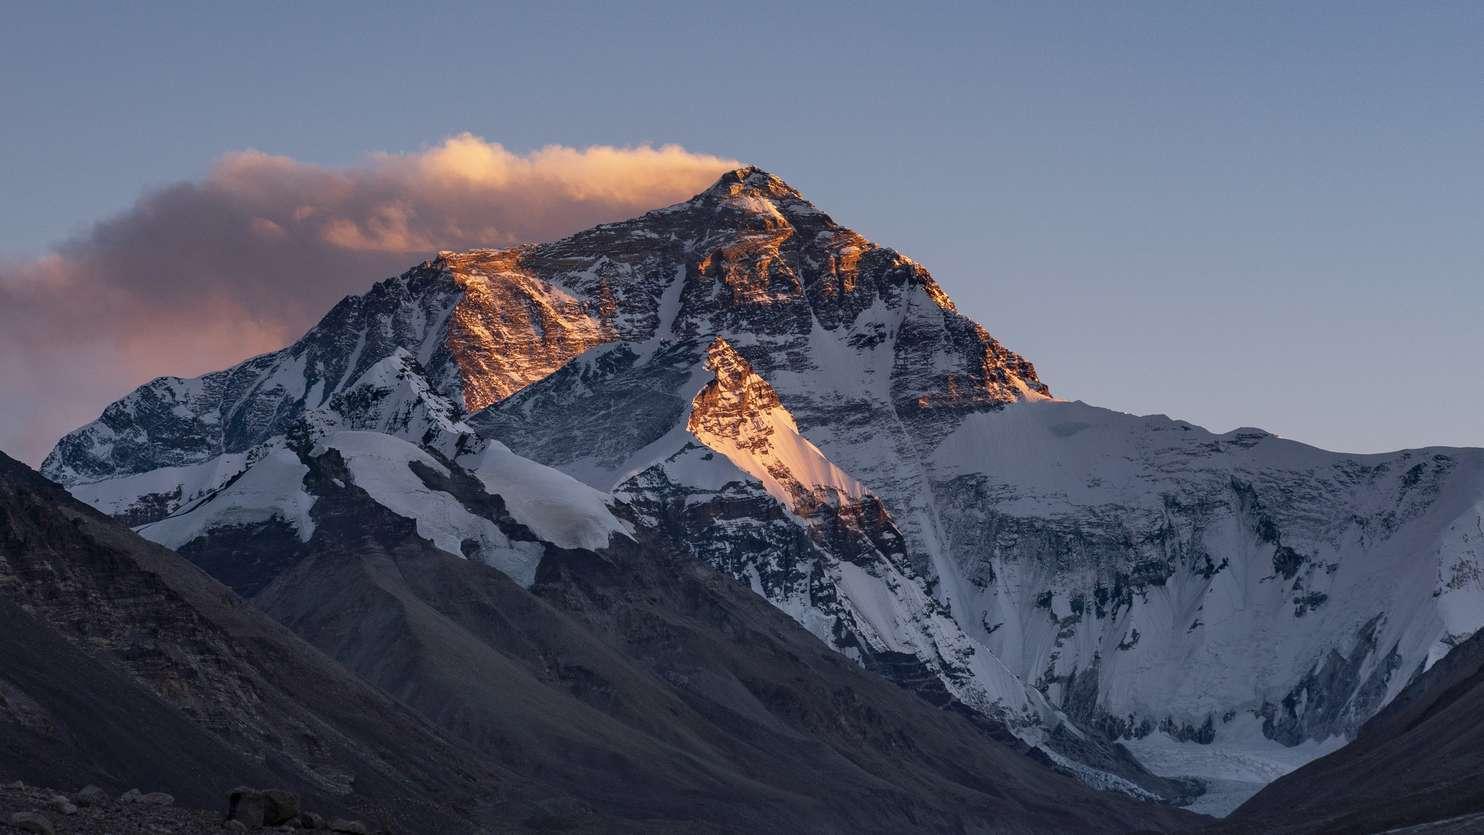 Der höchste Berg der Erde, der Mount Everest, wird neu vermessen.